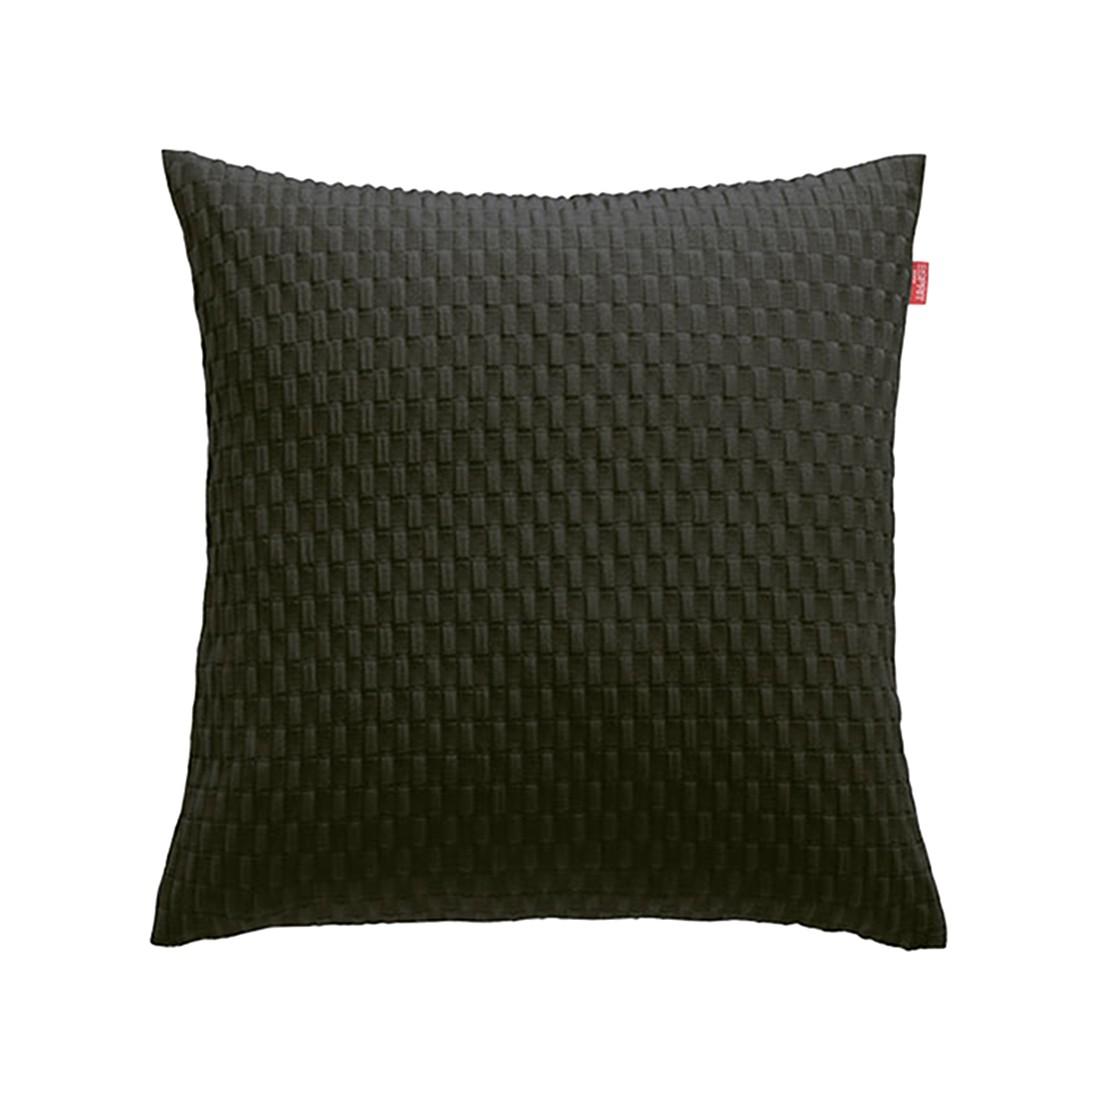 Kussensloop E-Base - carbon - 38x38cm, Esprit Home